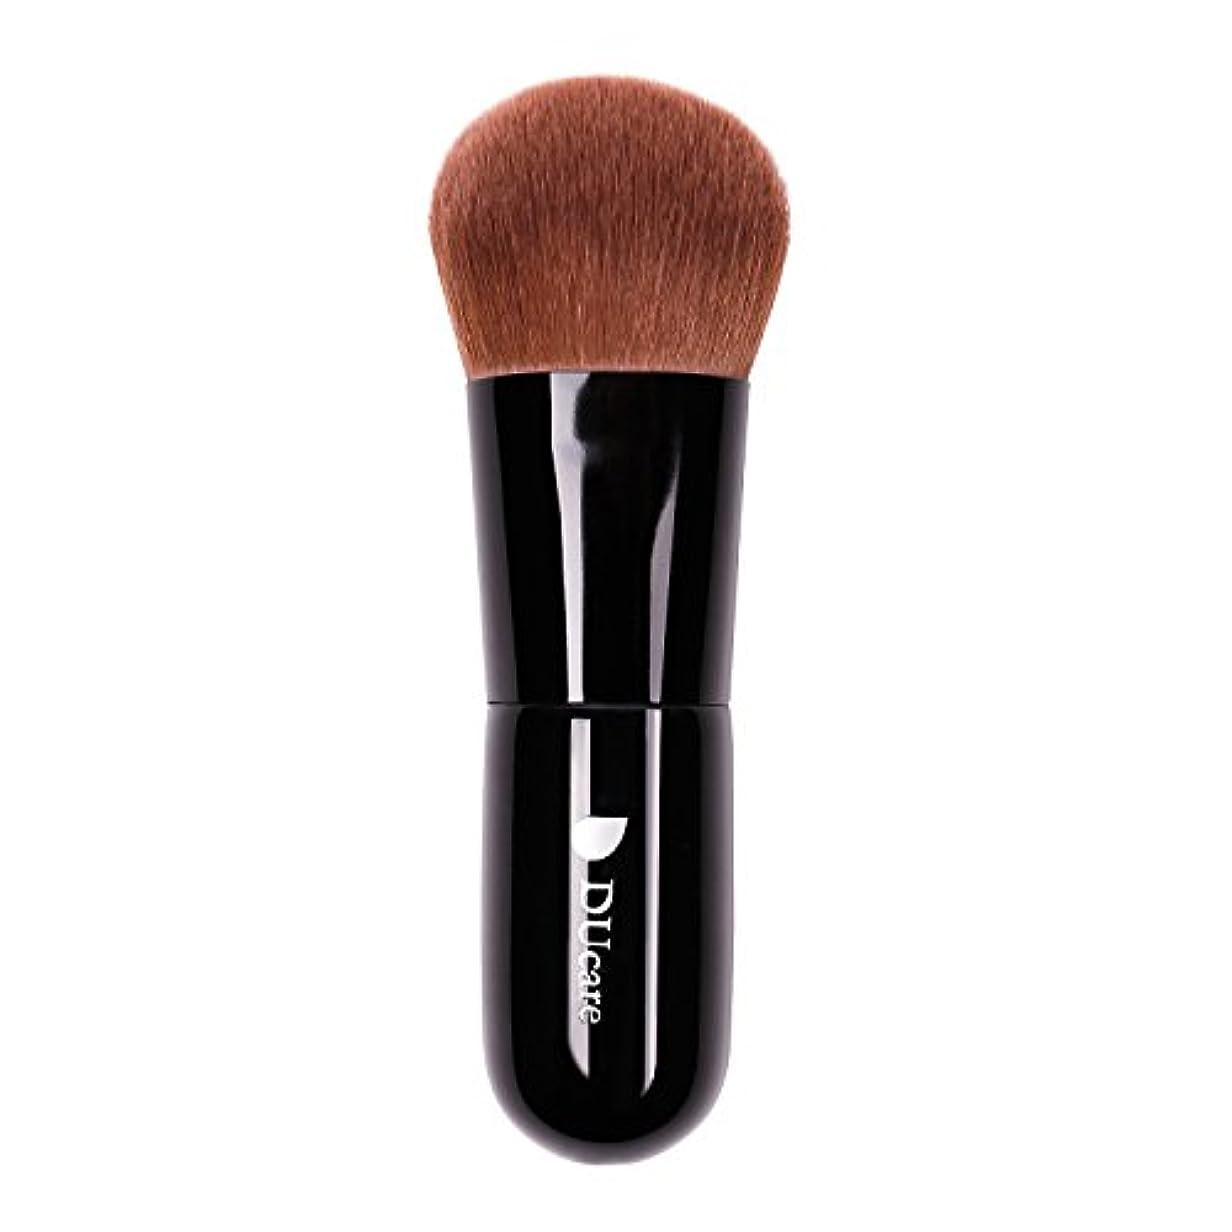 考案する外側スペイン語ドゥケア(DUcare) 化粧筆 ファンデーションブラシ フェイスブラシ 最高級のタクロンを使用